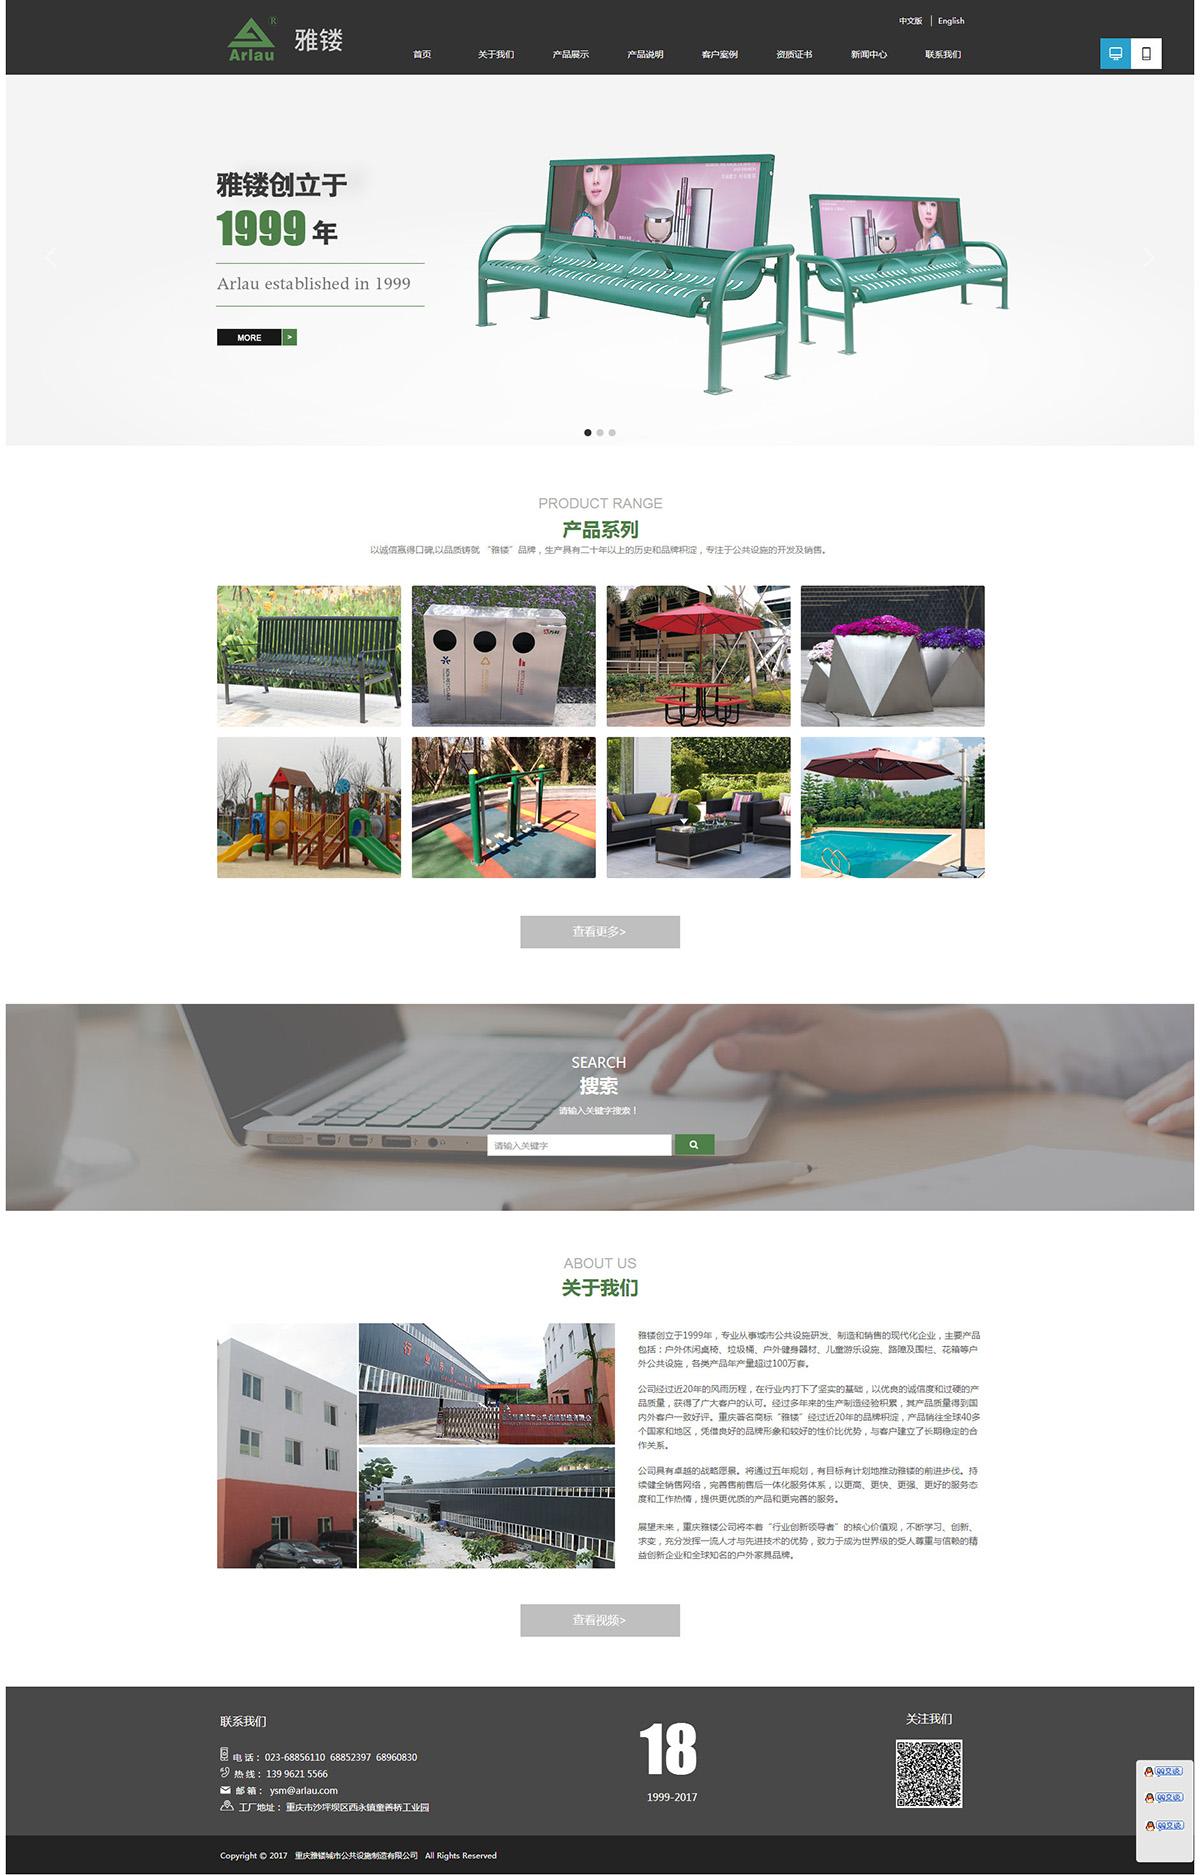 重庆雅镂城市公共设施制造有限公司_首页